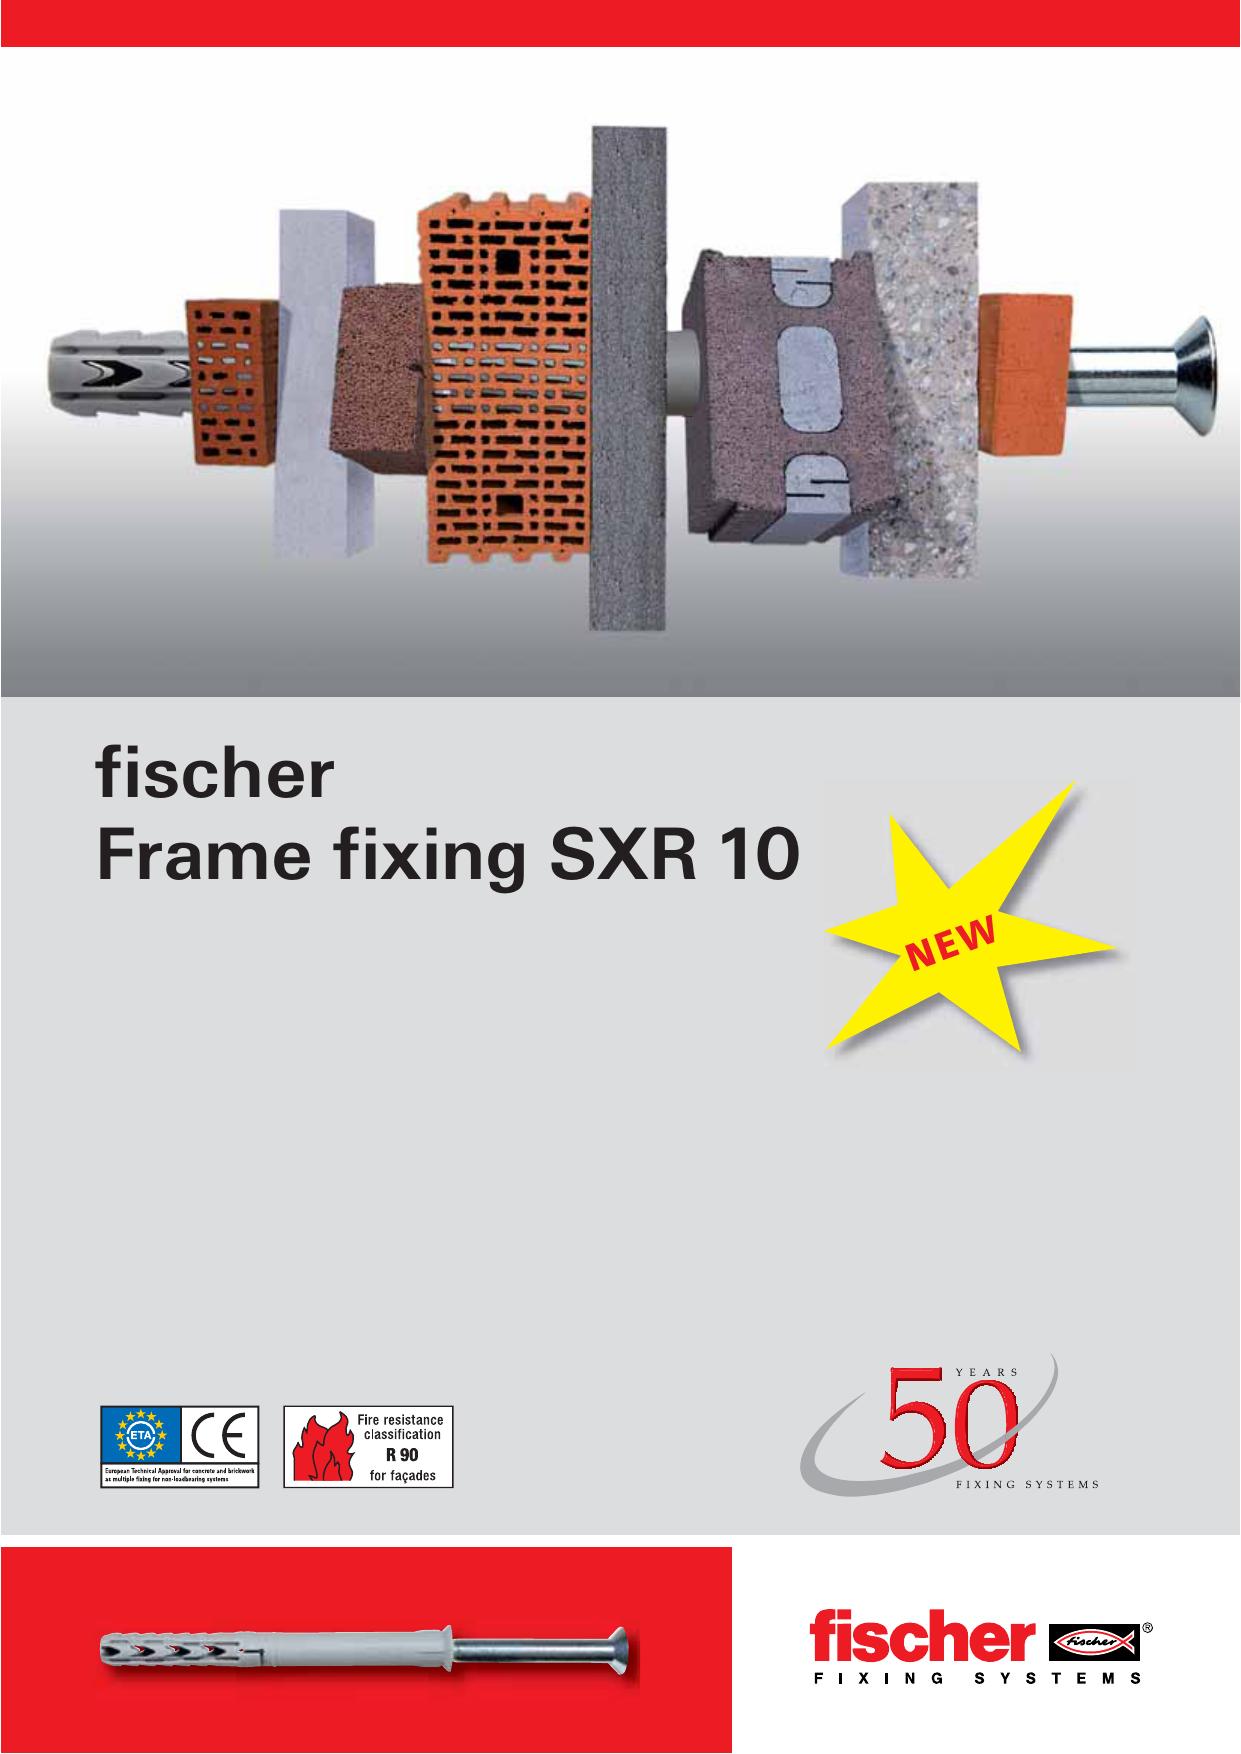 fischer Frame fixing SXR 10 | Manualzz